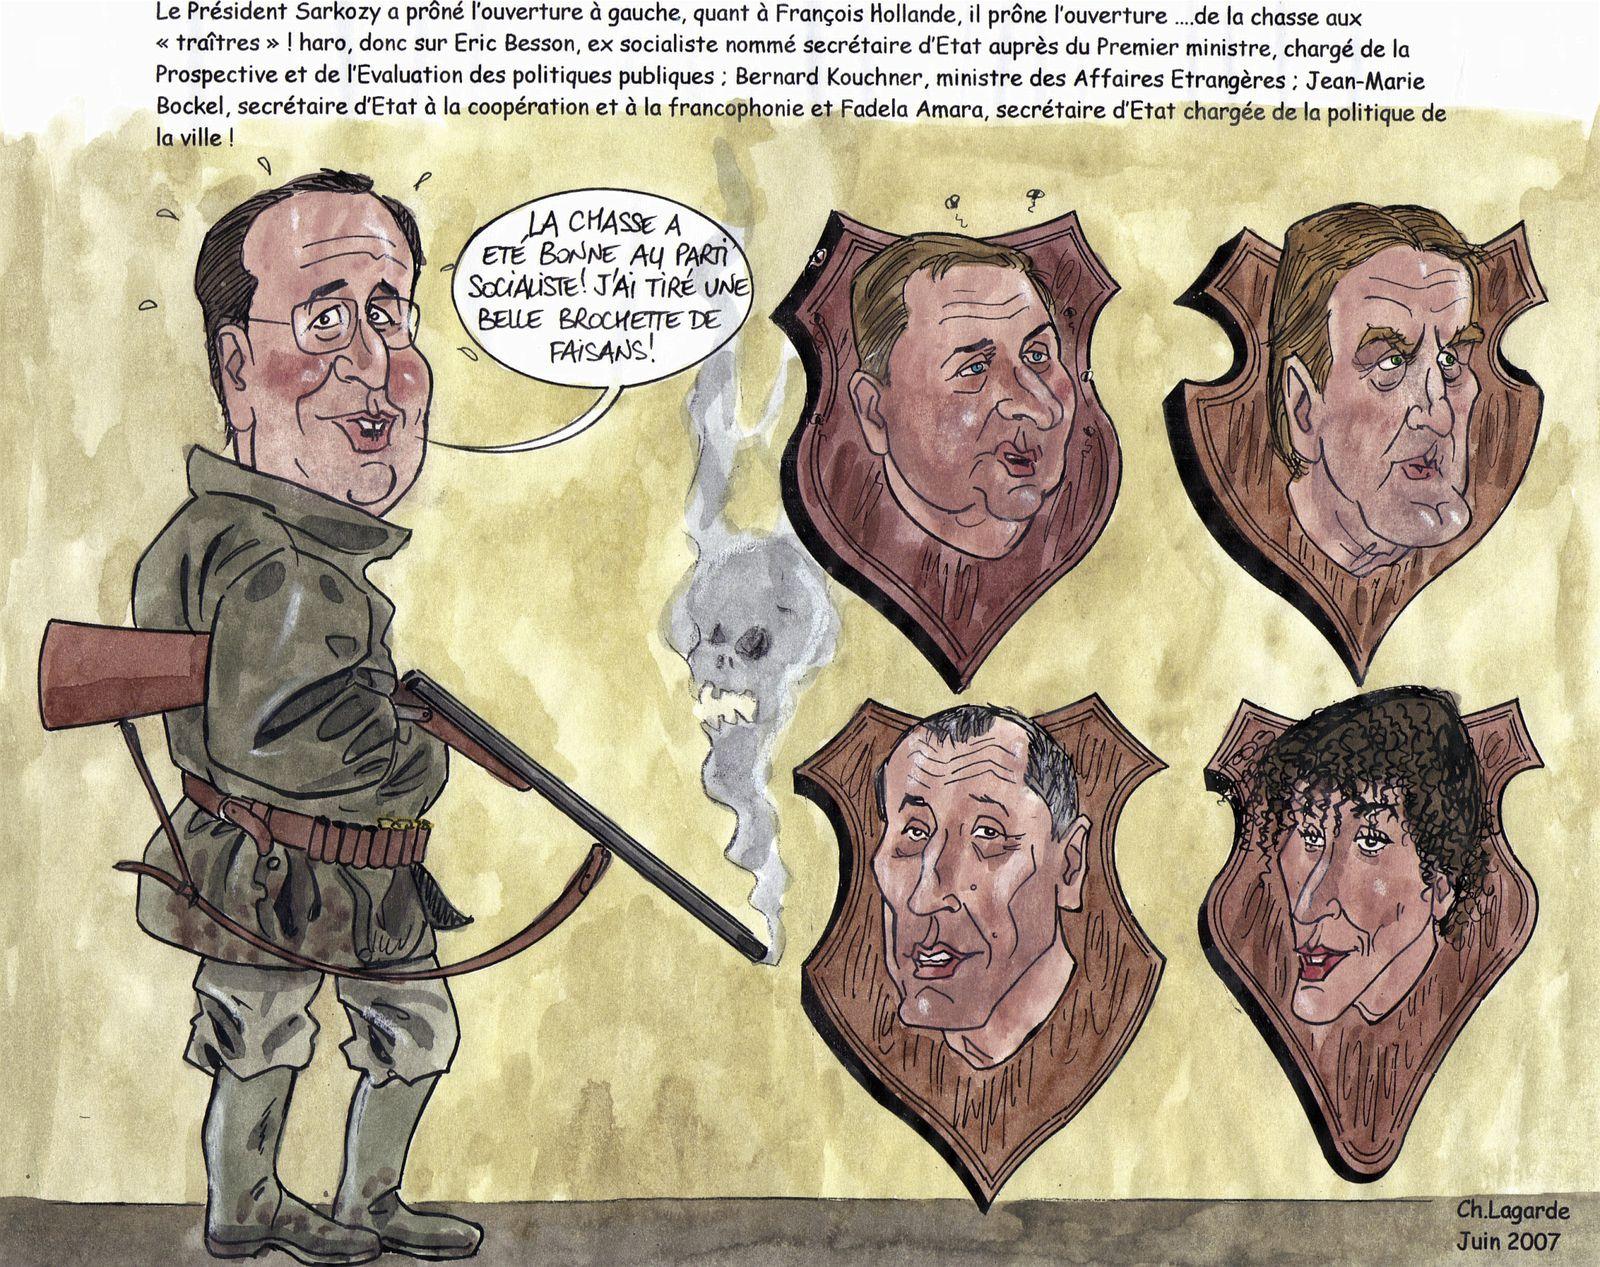 juin 07 François Hollande et une belle brochette de faisan